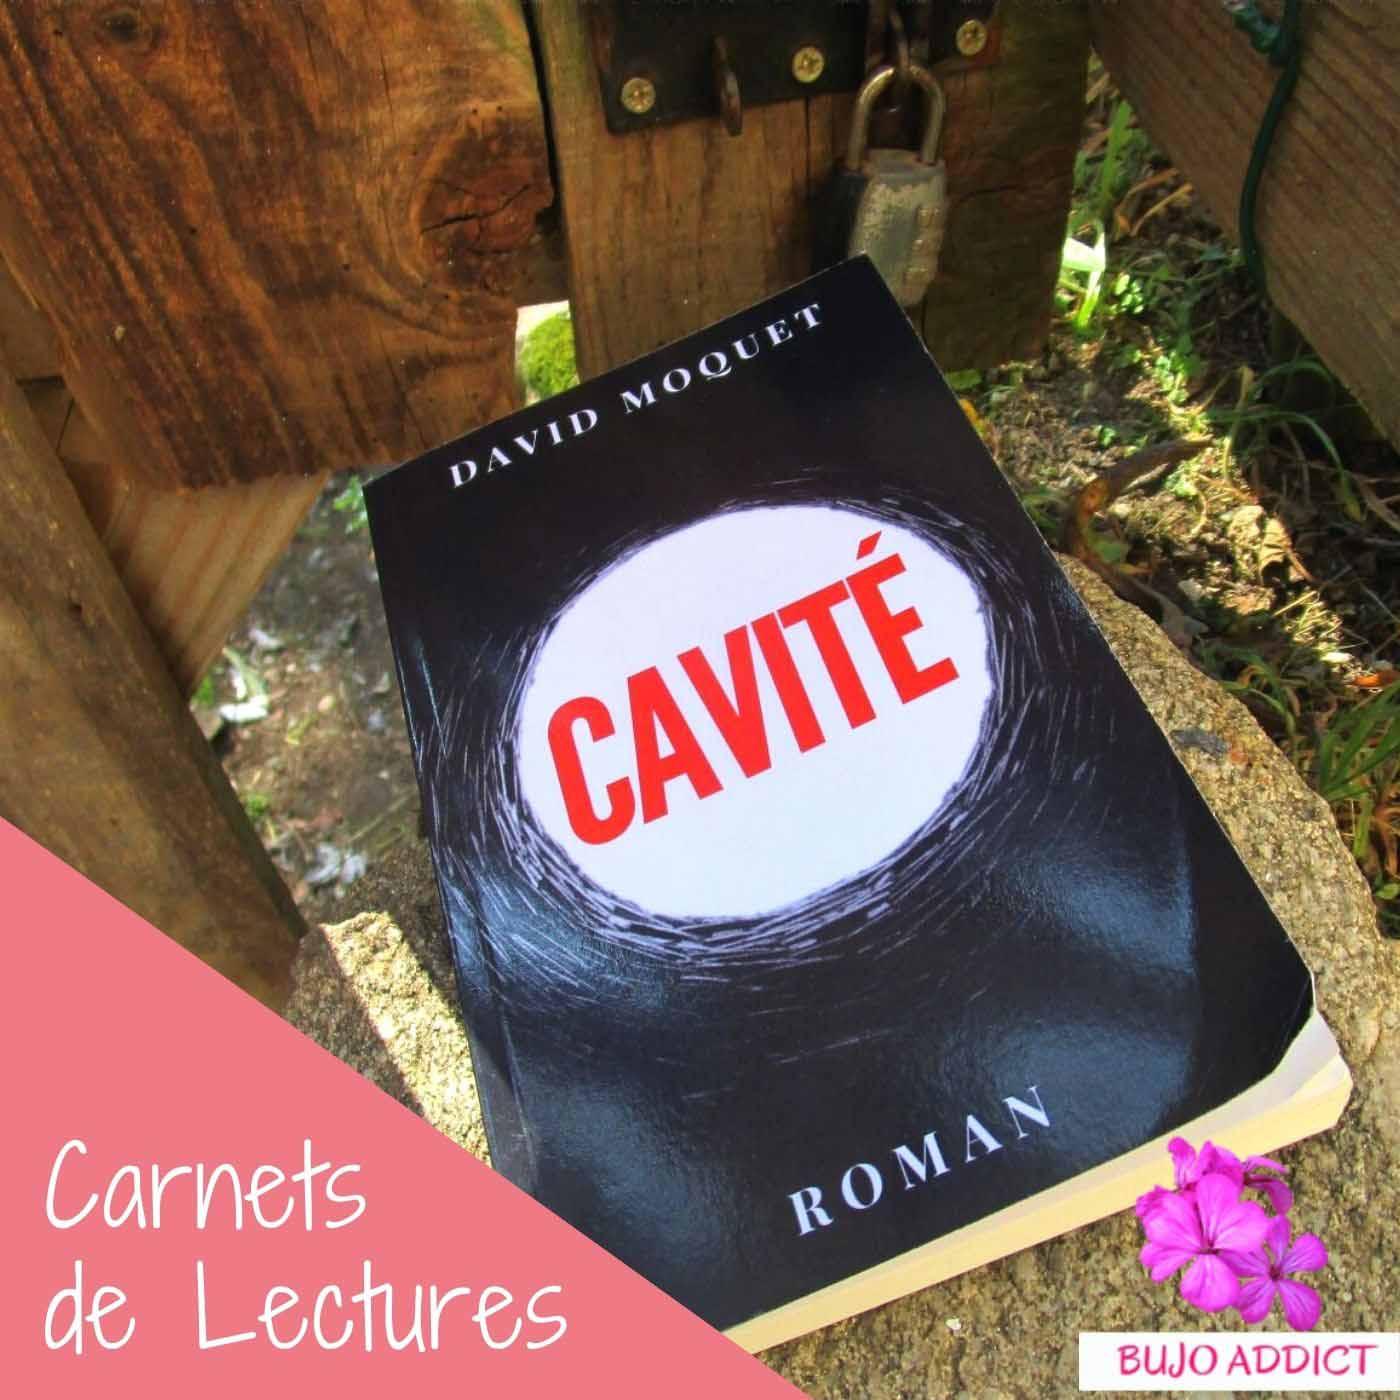 Premier roman de David Moquet : Cavité